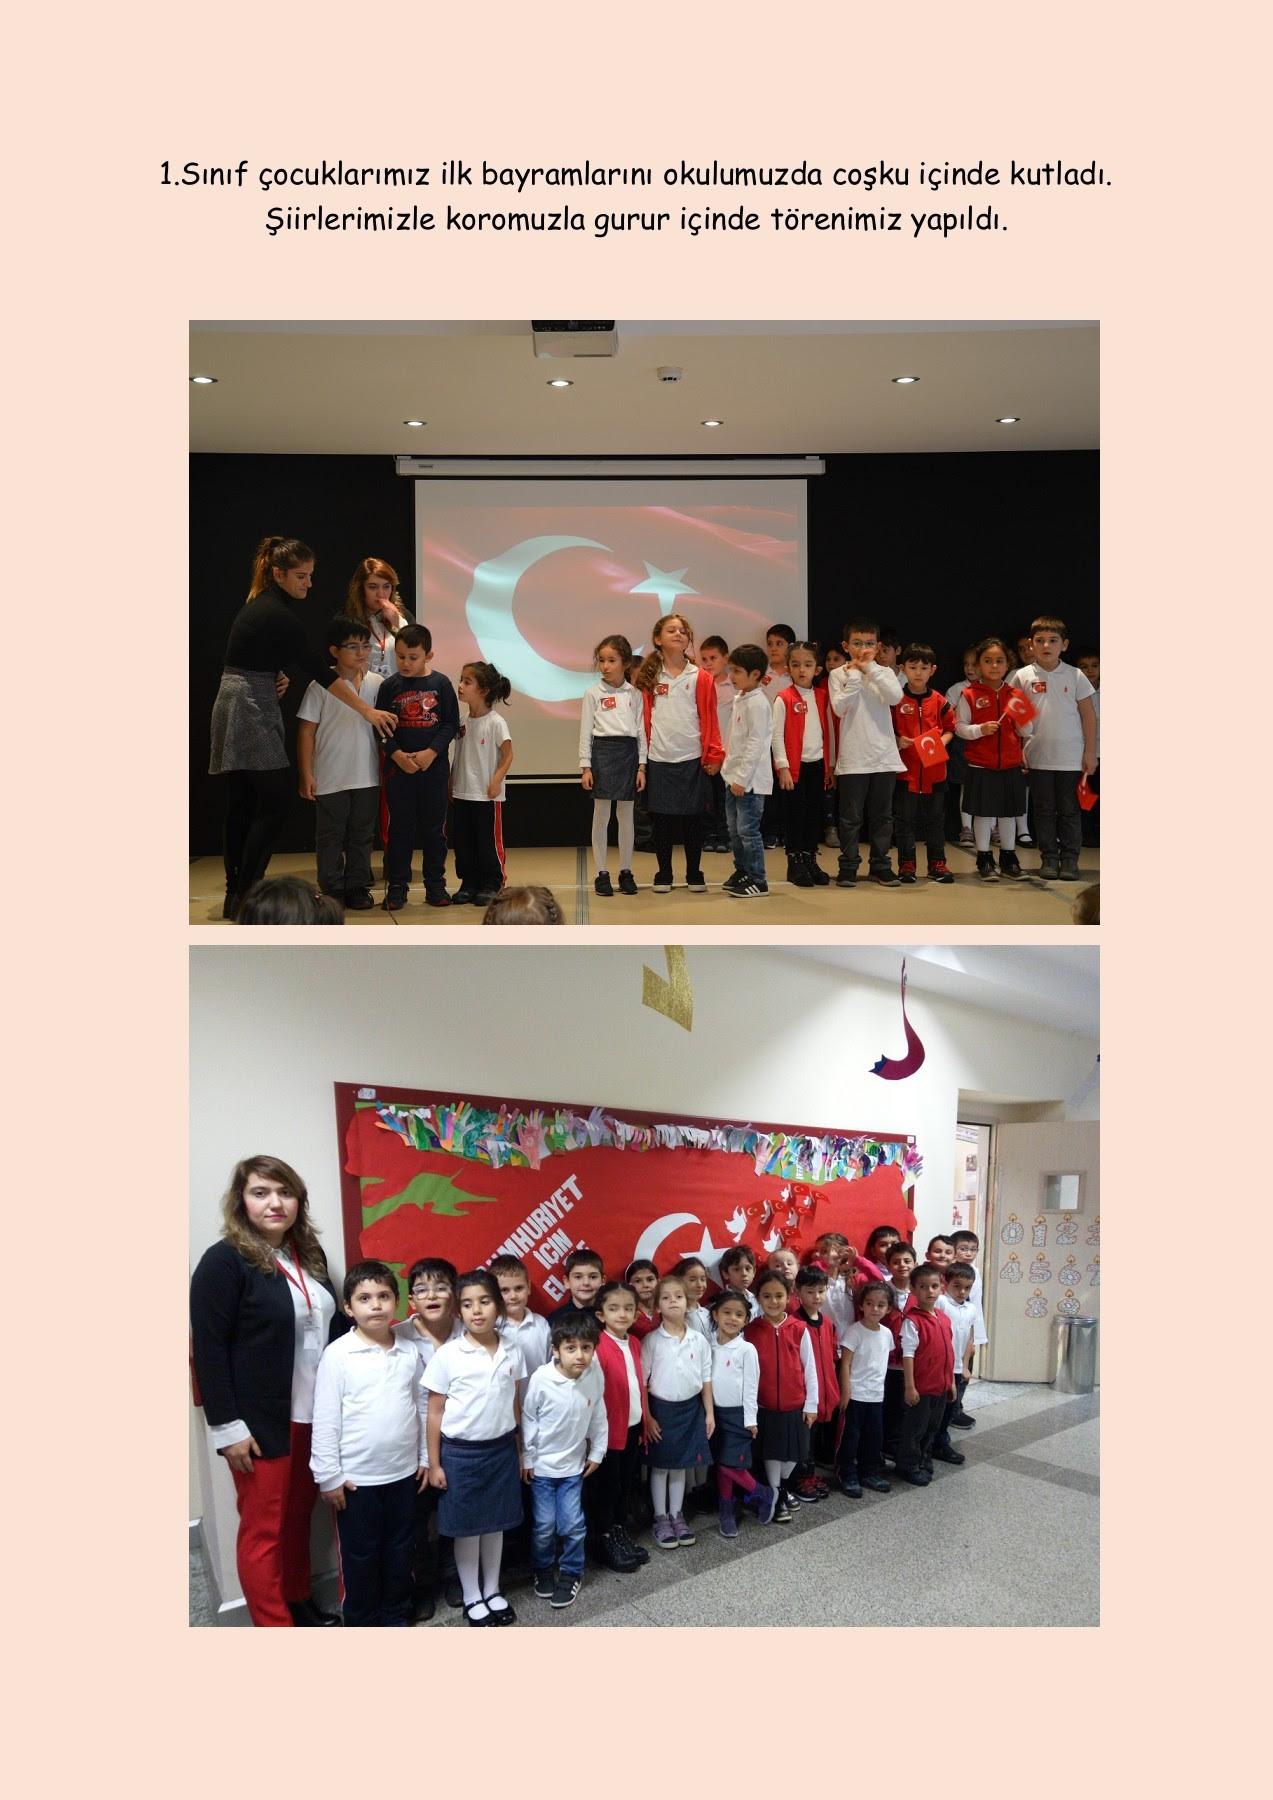 Kültür Koleji Ilkokulu 29 Ekim Cumhuriyet Bayrami Pages 1 22